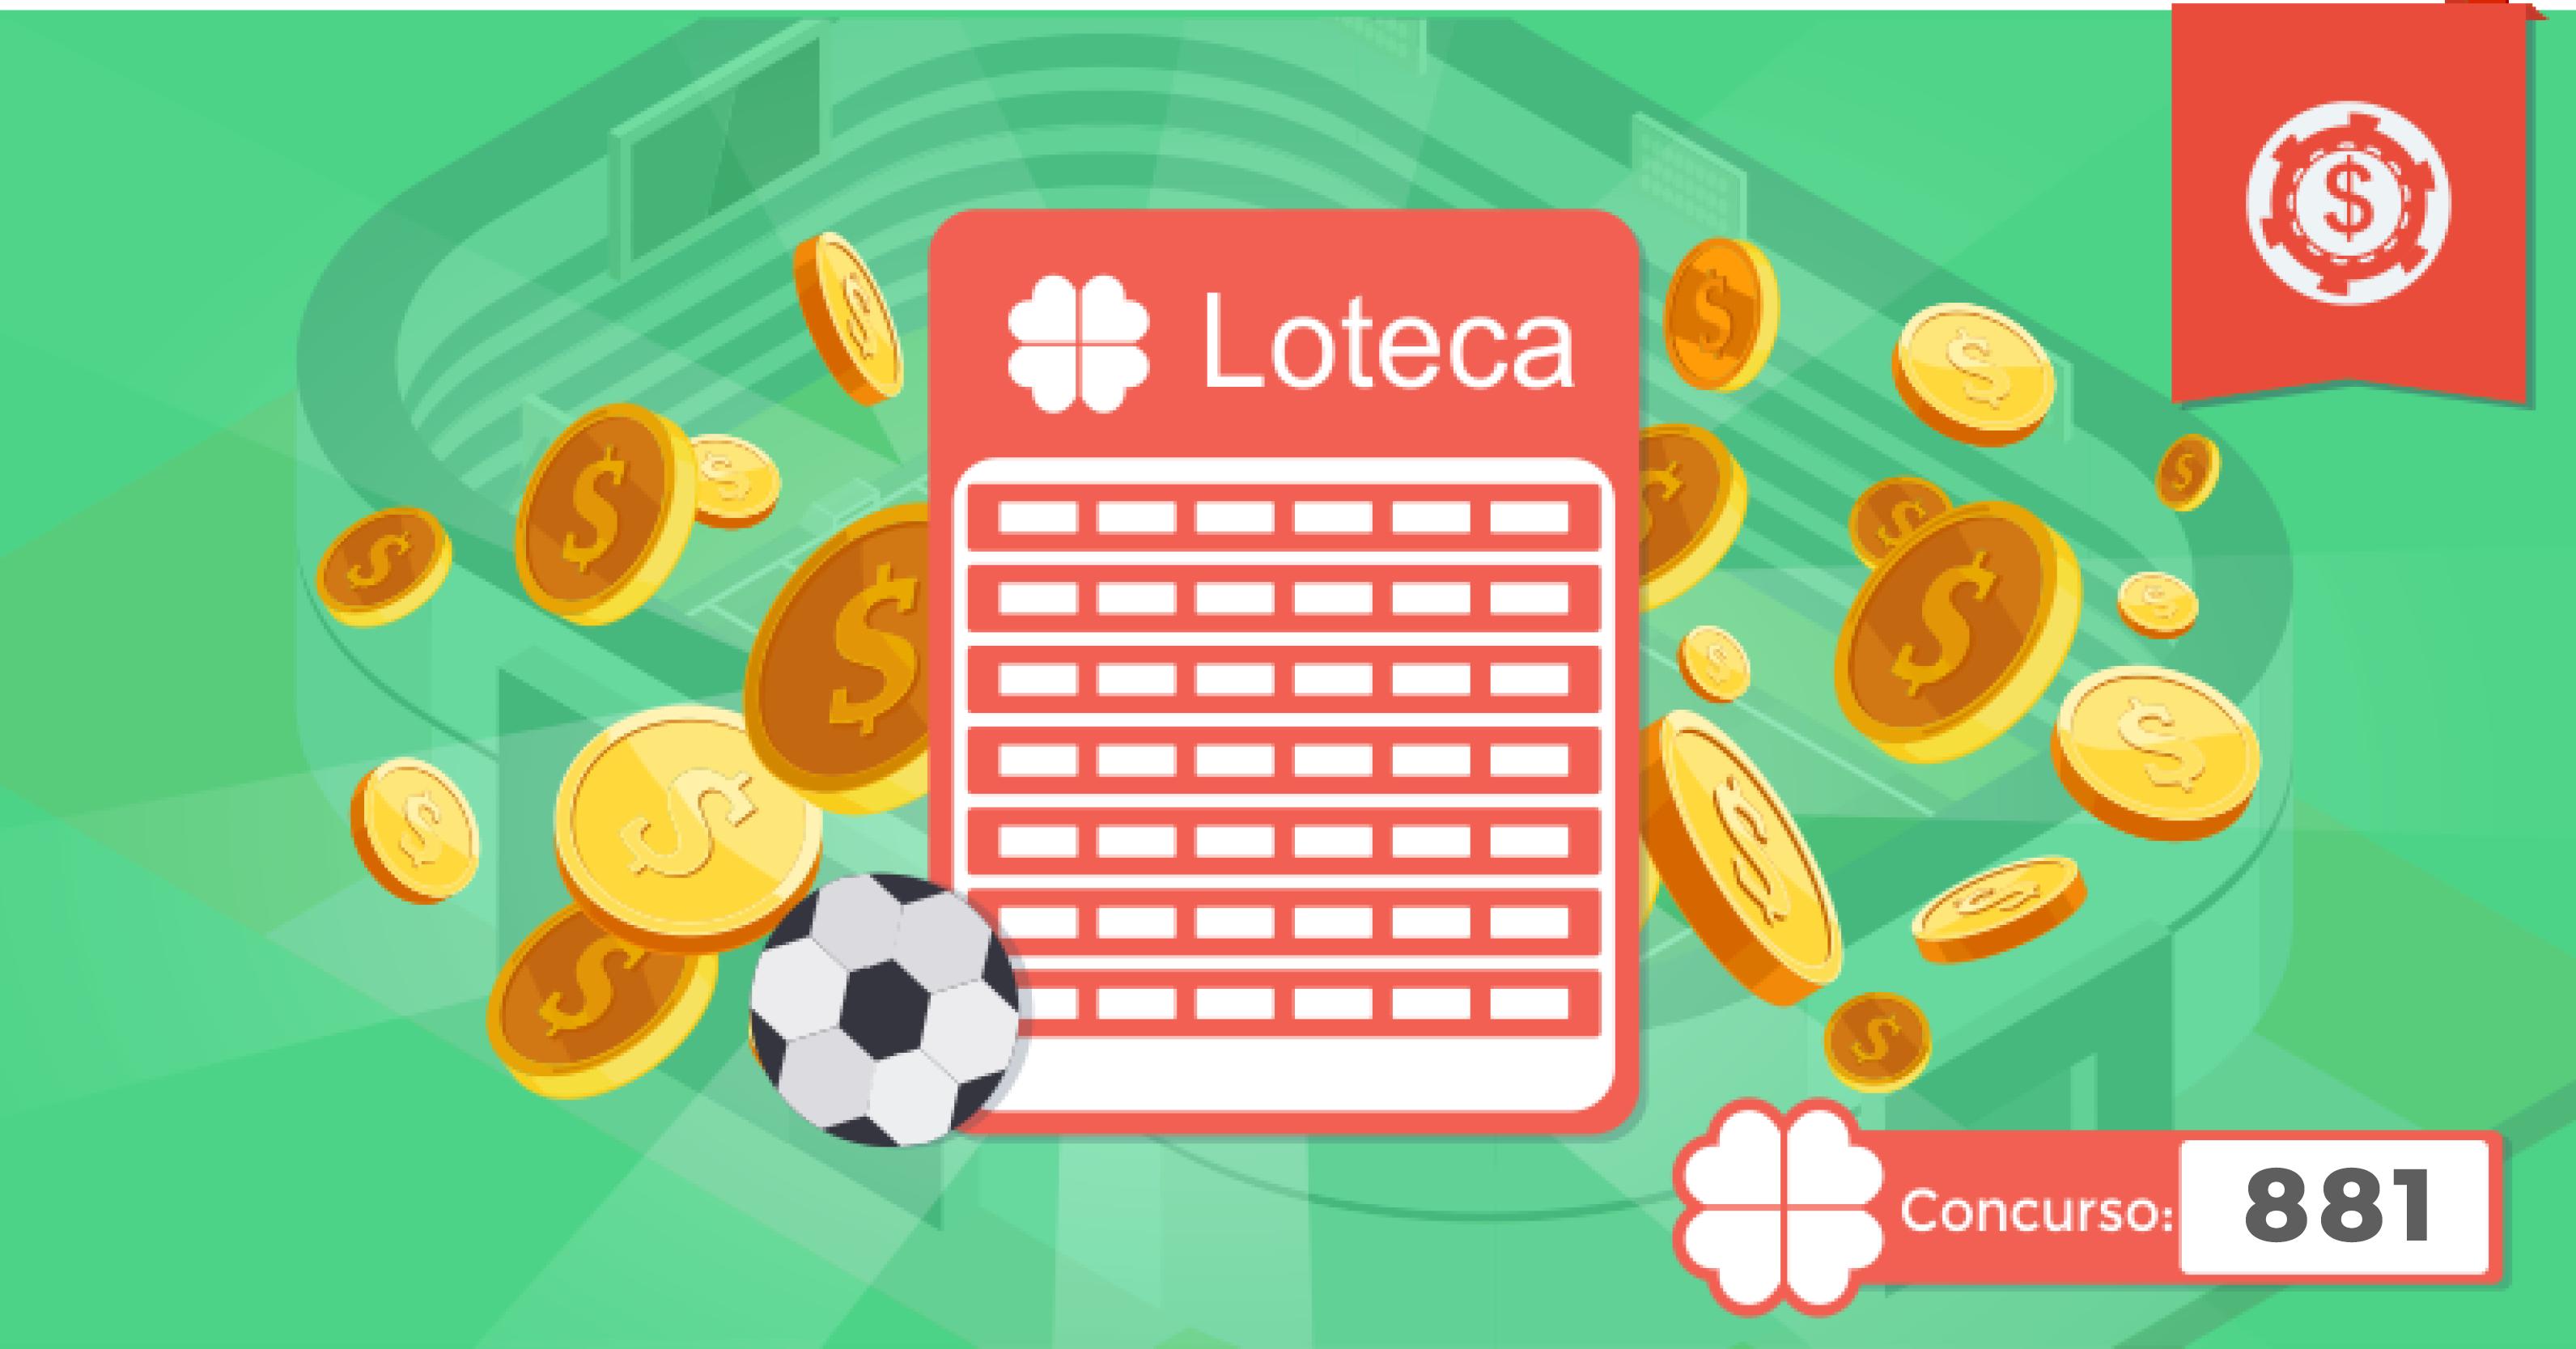 palpites-loteca-881-palpites-loteca-semana